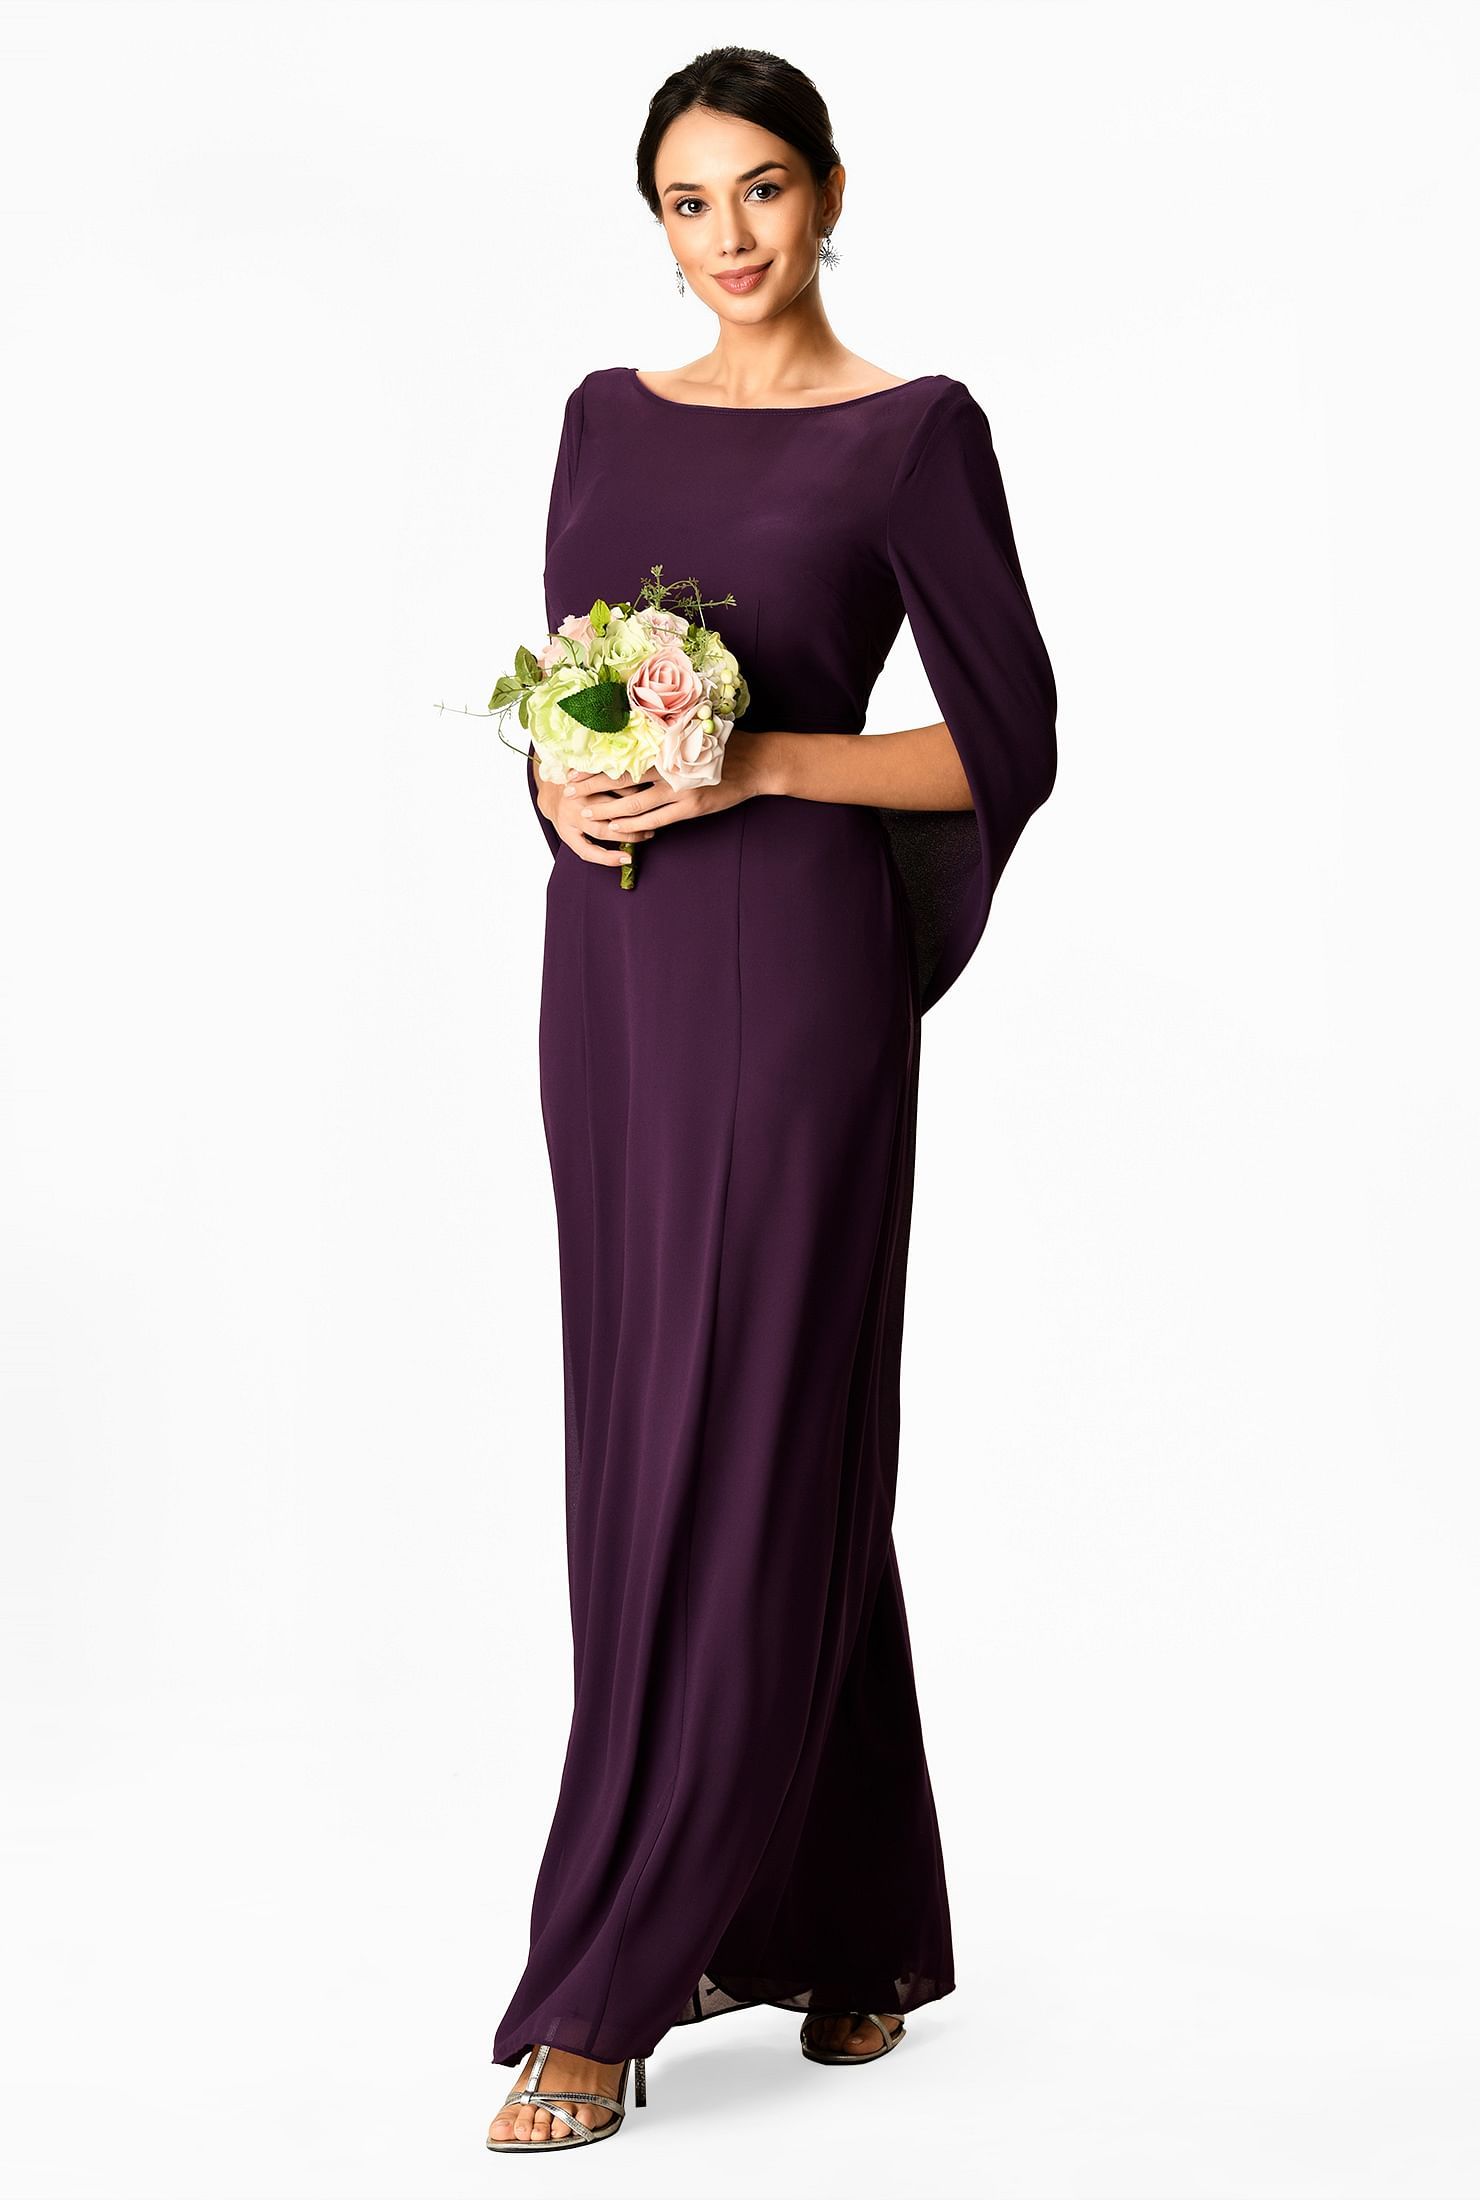 Capelet sleeve chiffon maxi dress